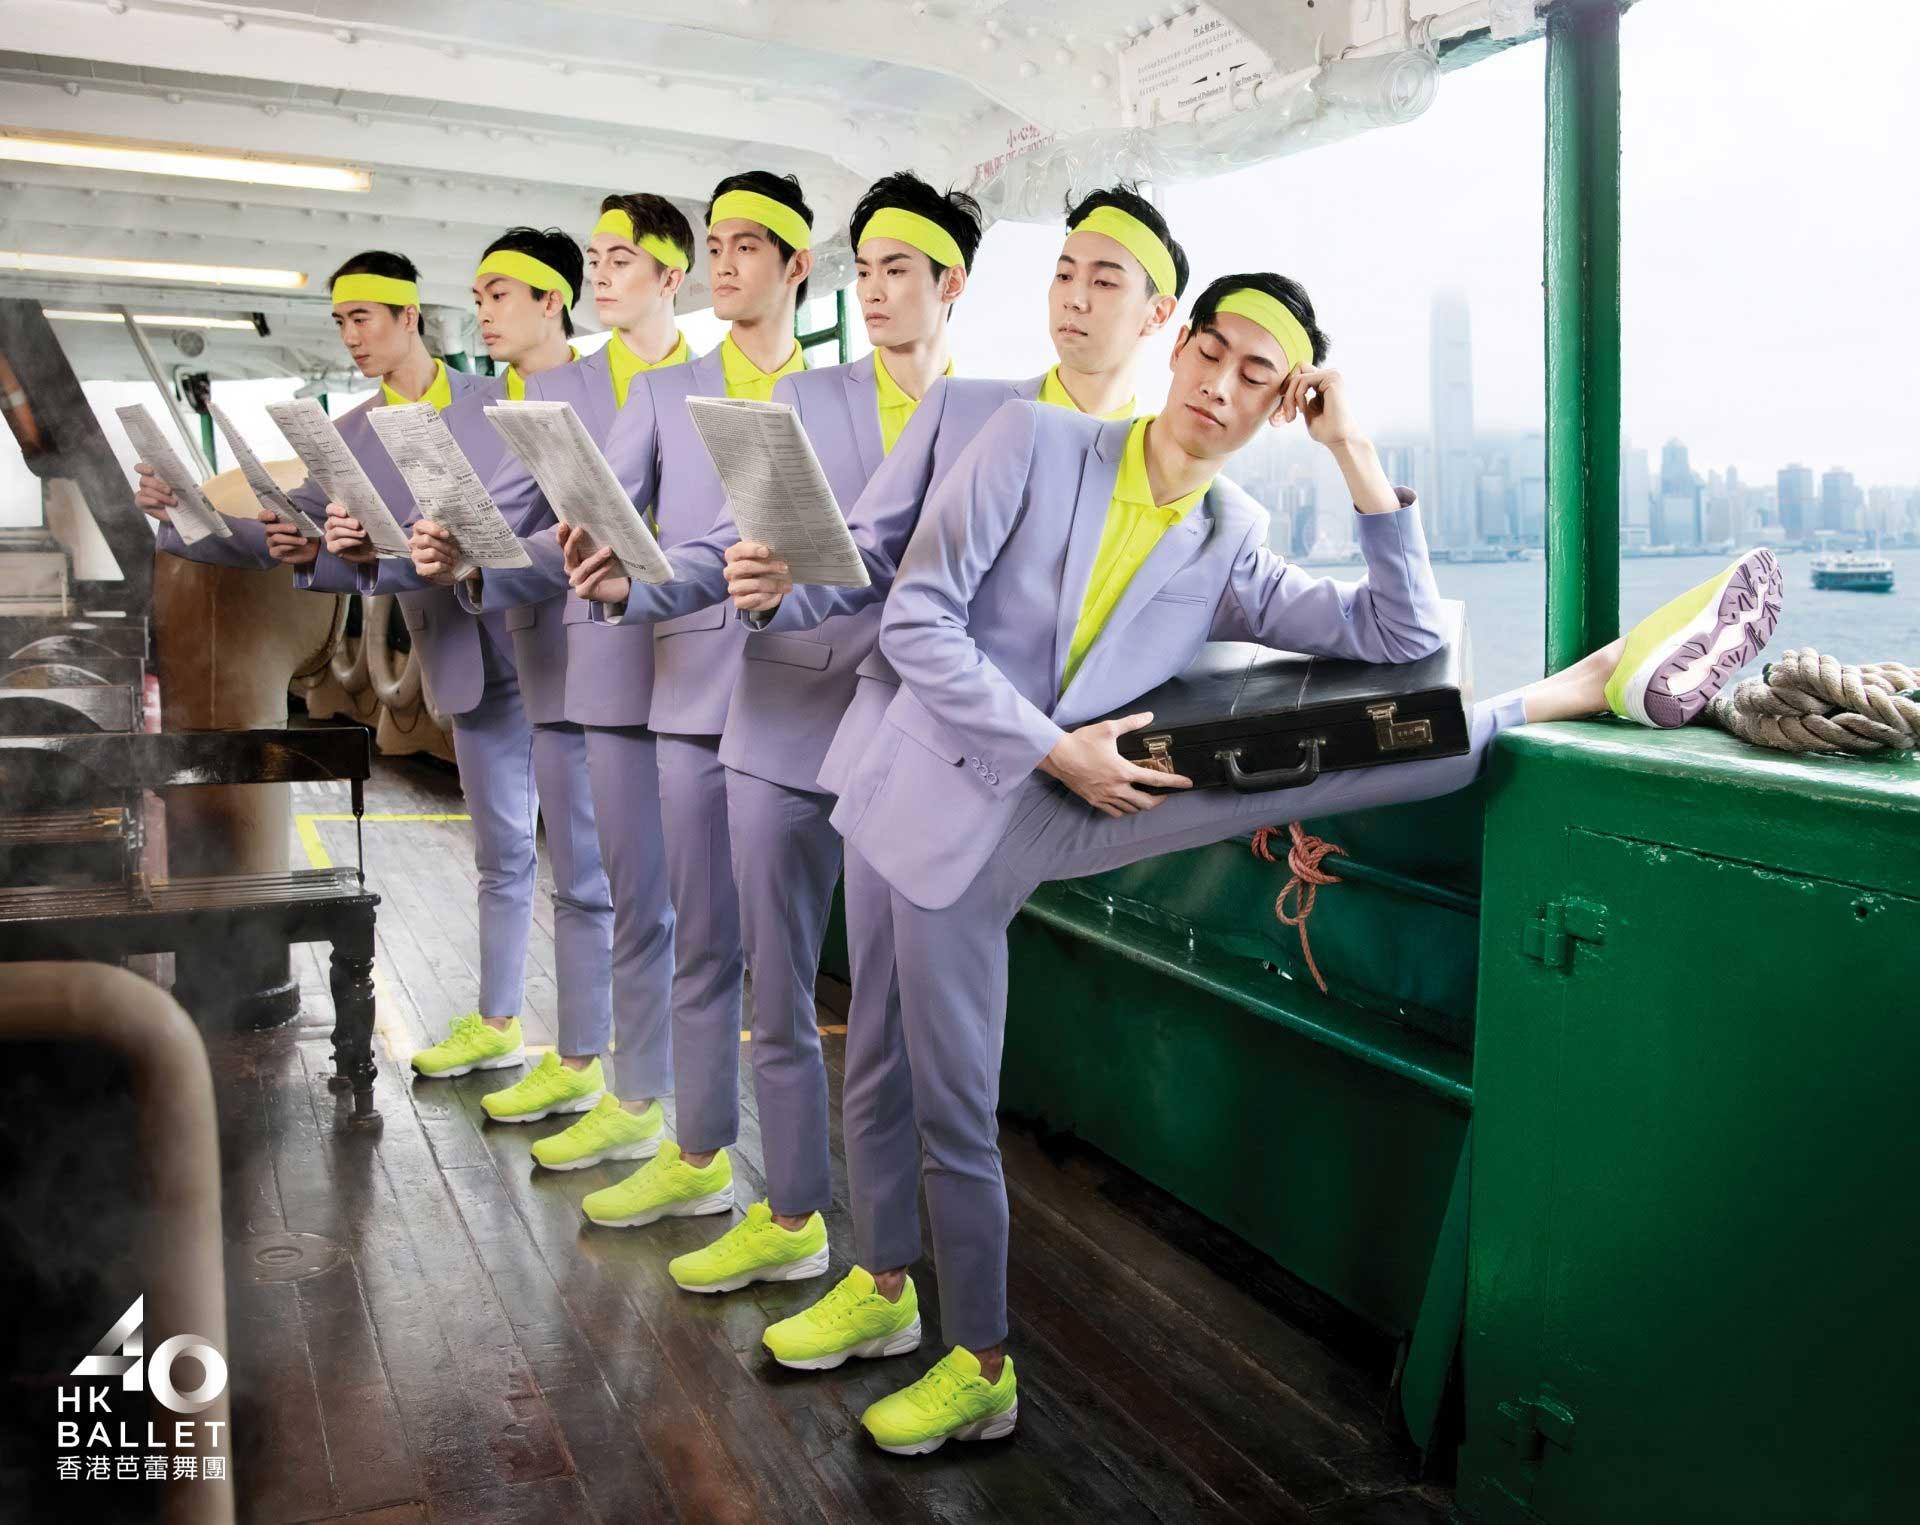 Cooles Video zu 40 Jahren Hong Kong Ballett 40-jahre-hong-kong-ballett_03